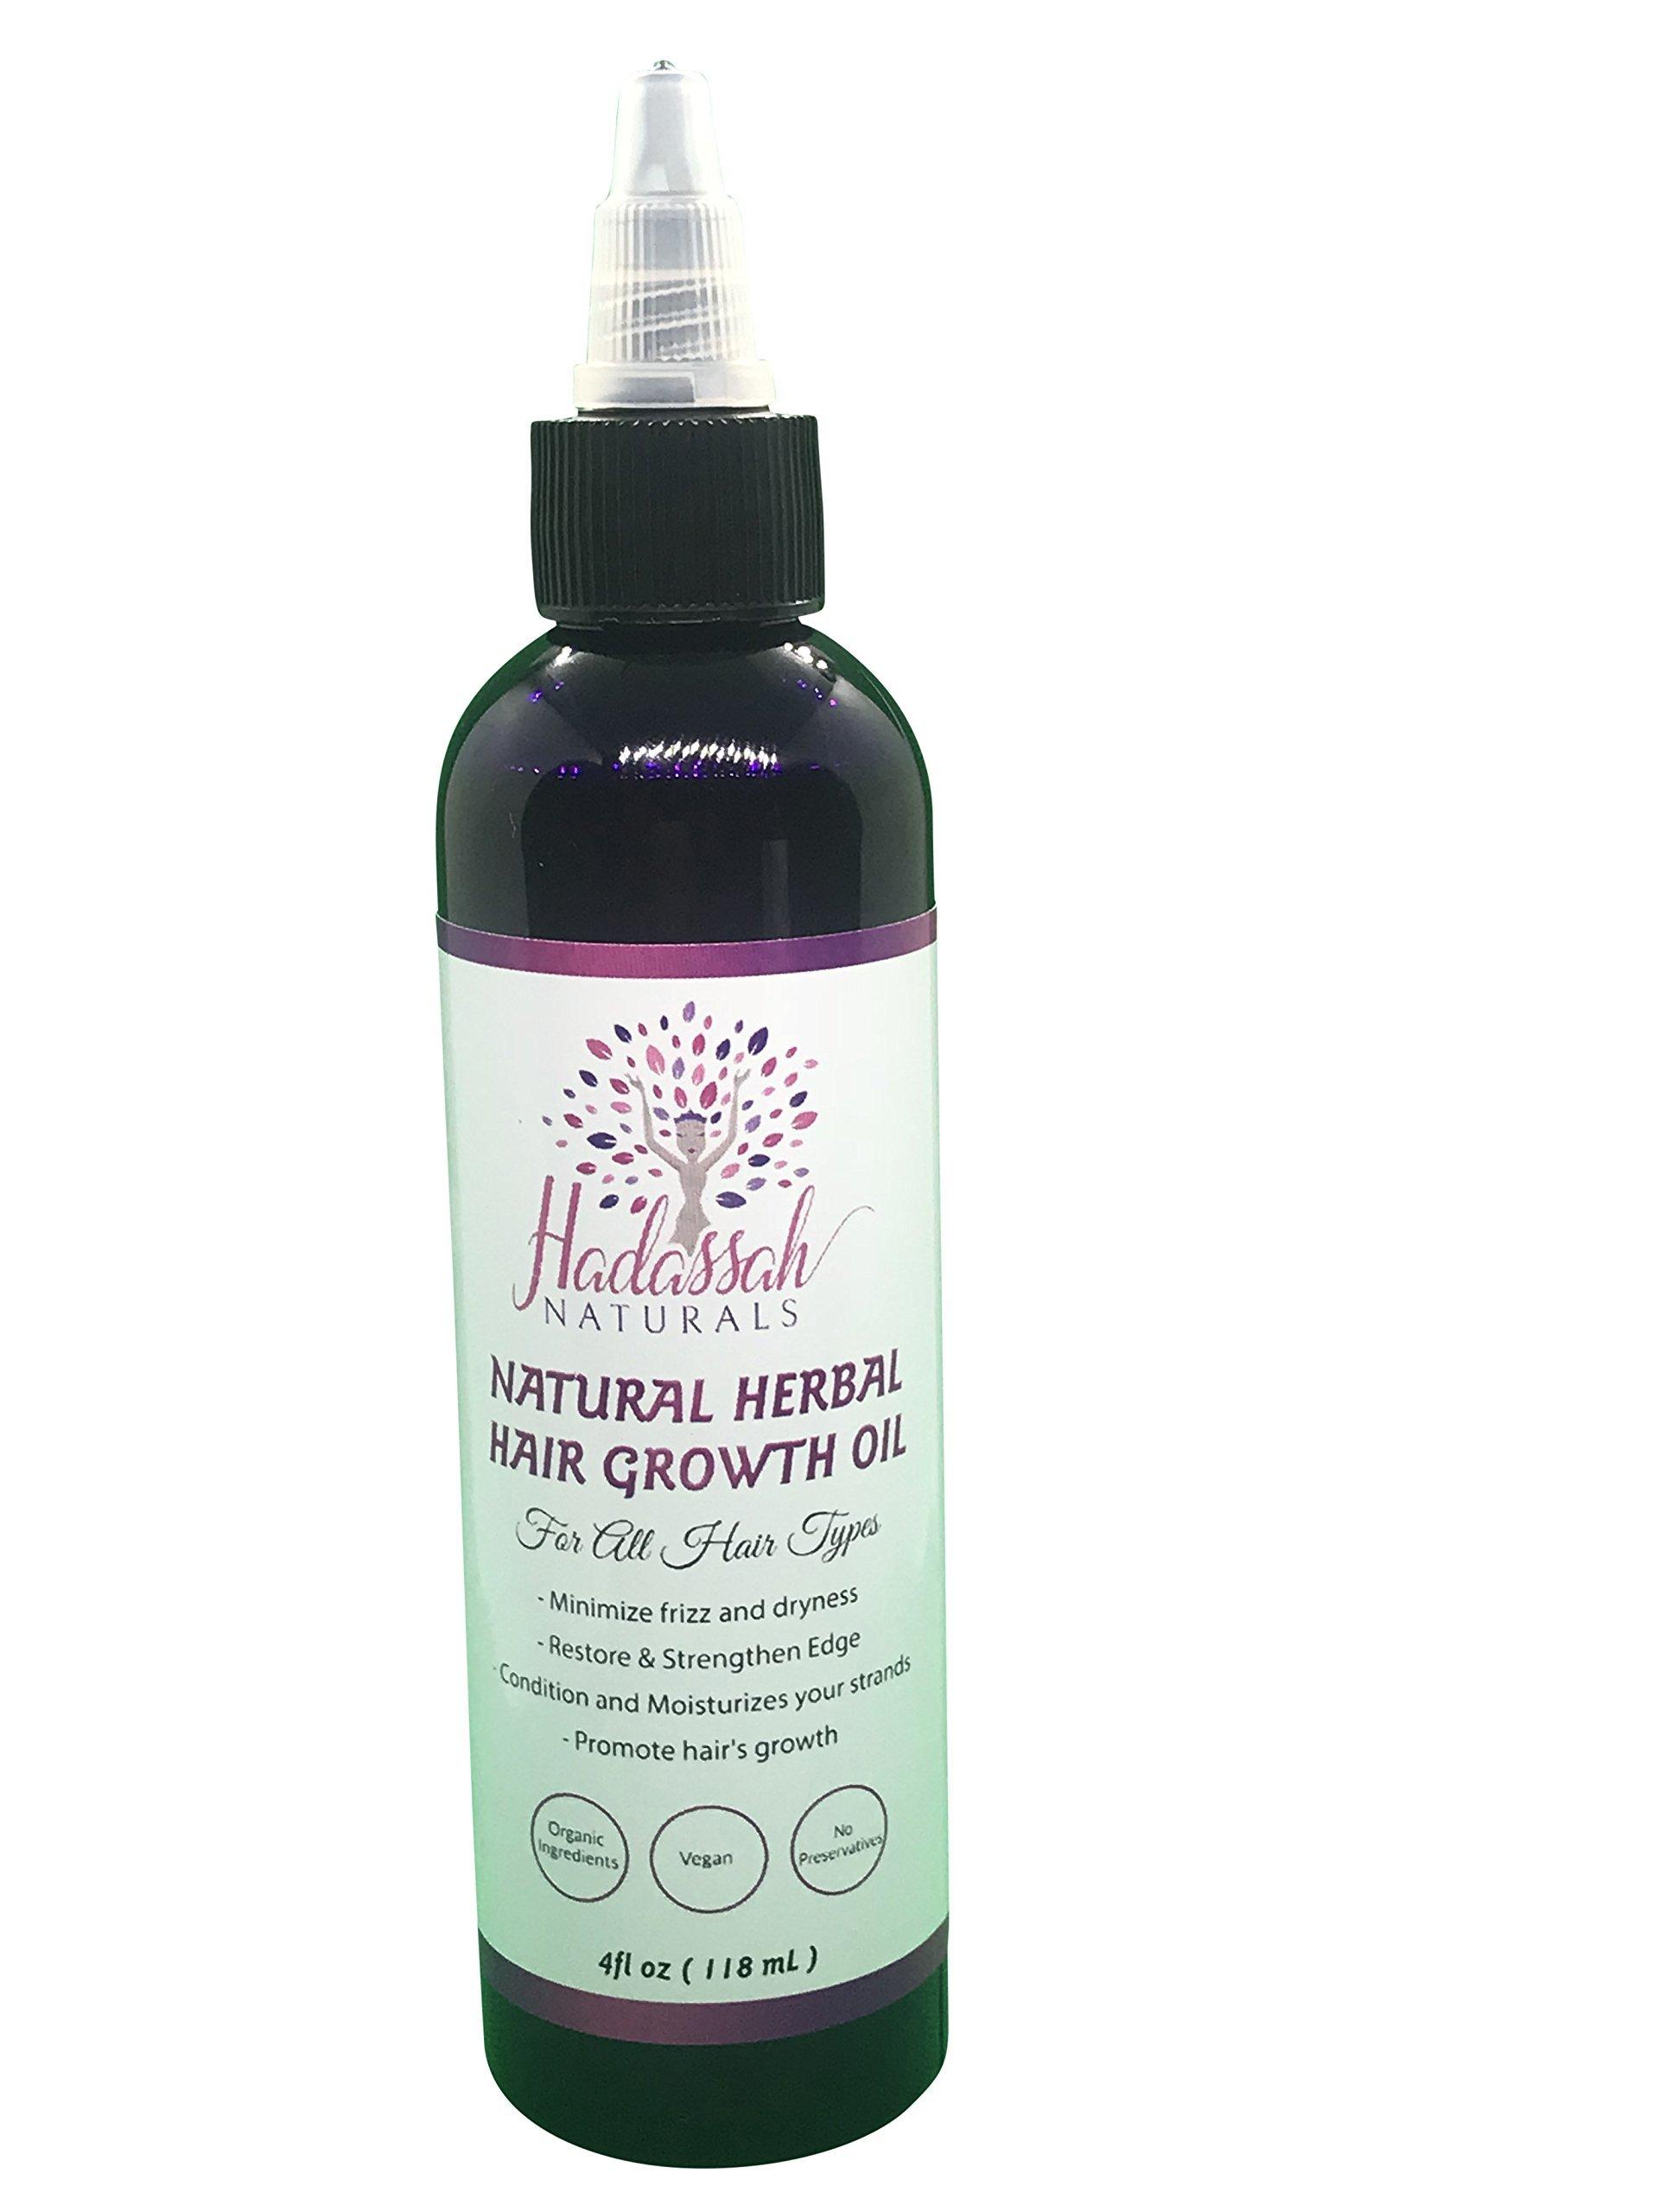 Hadassah Naturals Herbal Hair Growth Oil